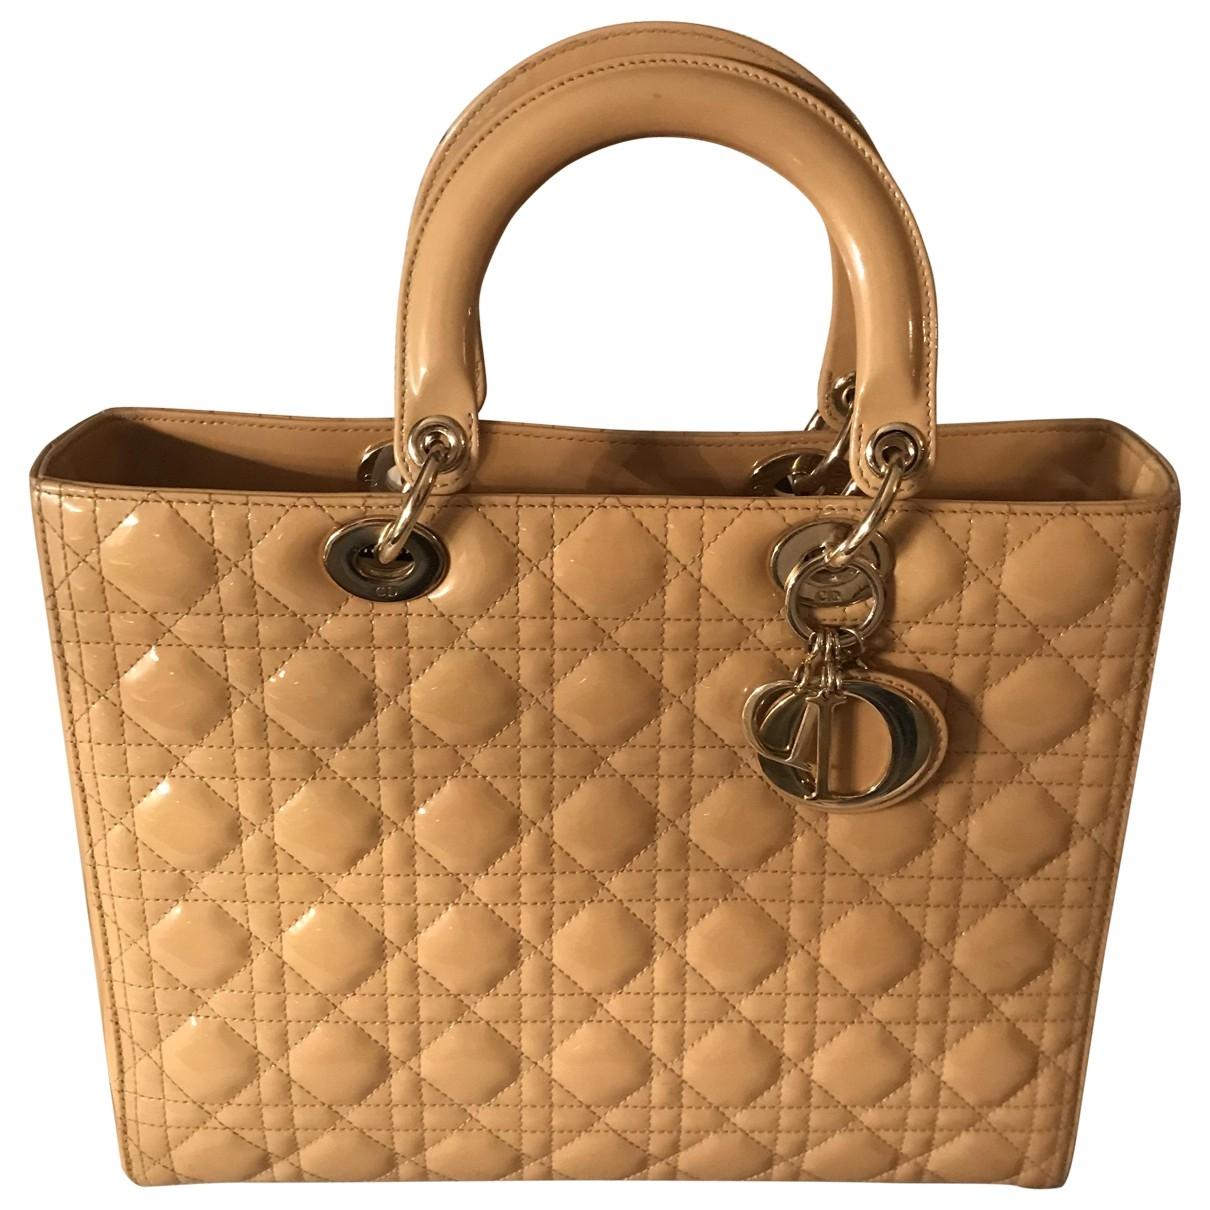 Dior - Sac a main Lady Dior pour femme en cuir verni - beige